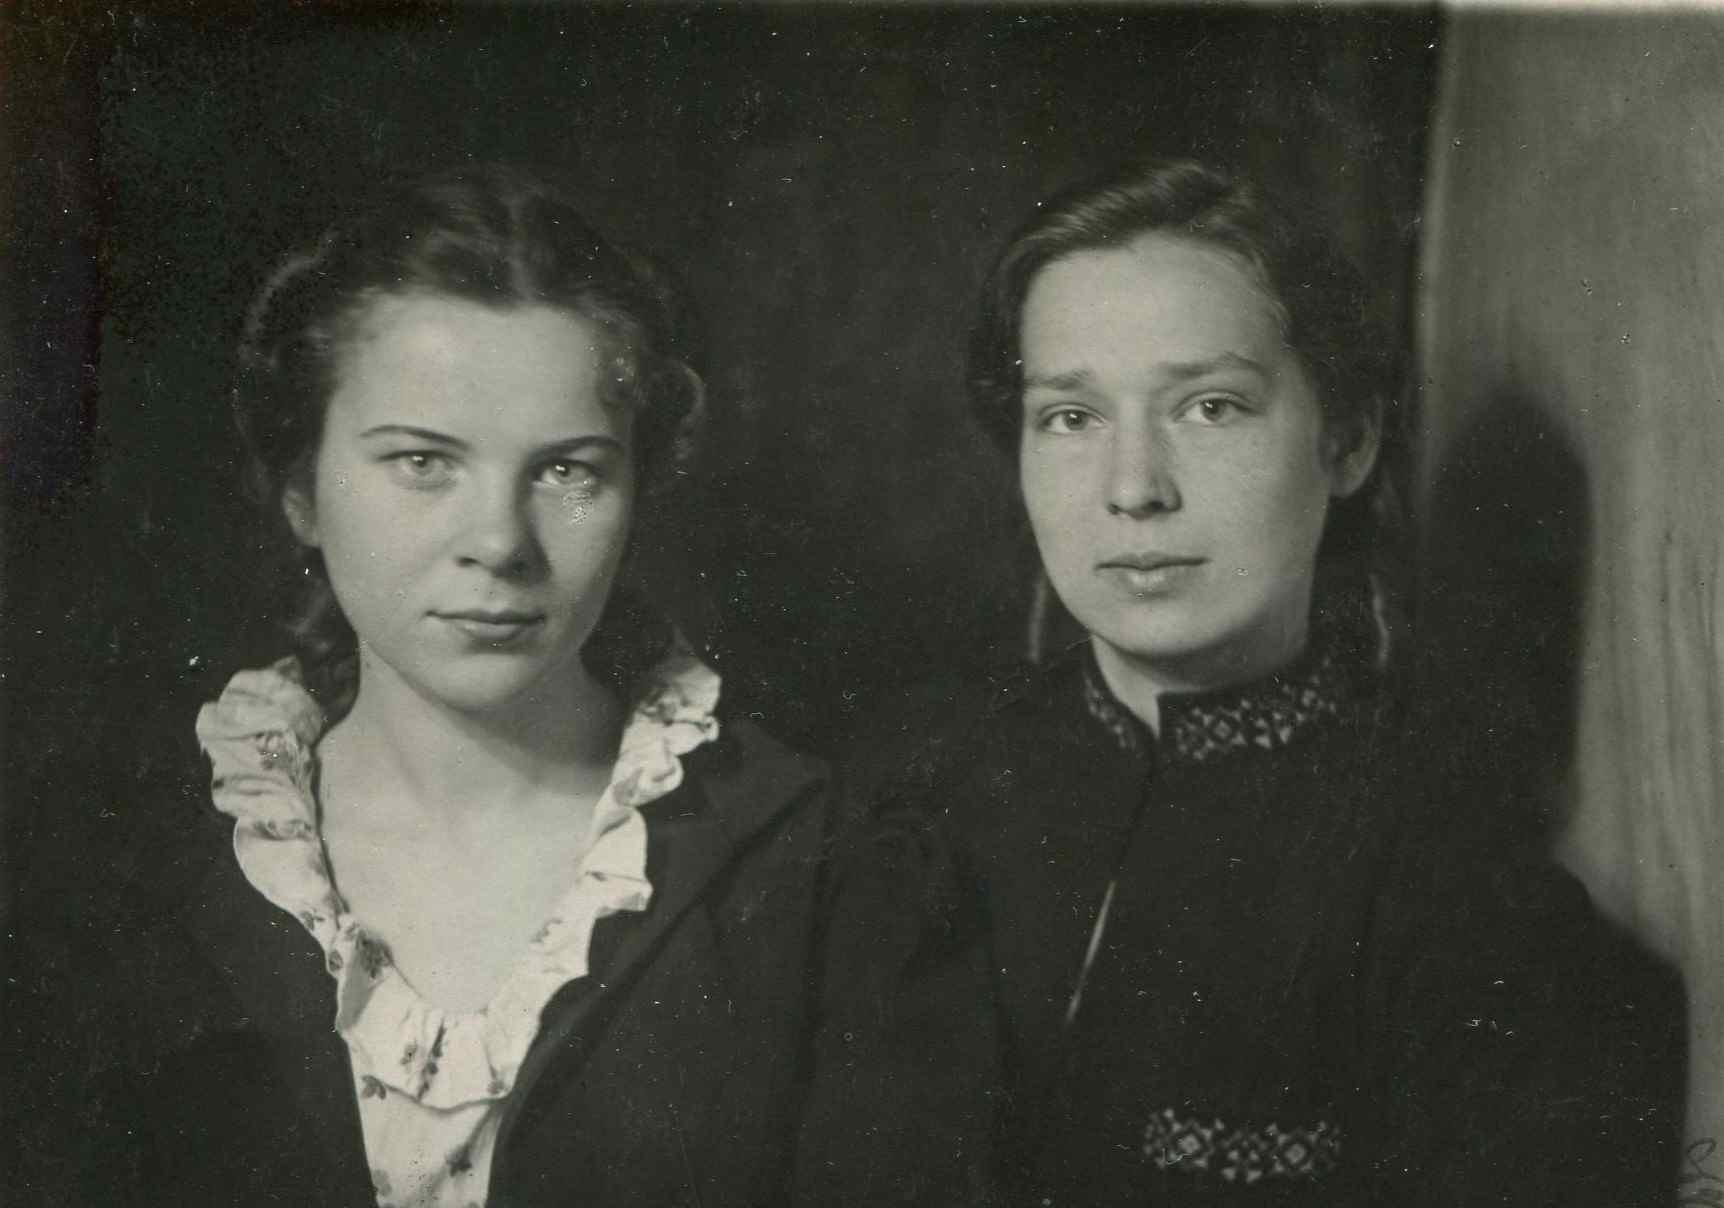 Экспонат #9. Студентки МЭИ — Владилена Мусатова и Лия Дербышева. 21 мая 1943 года